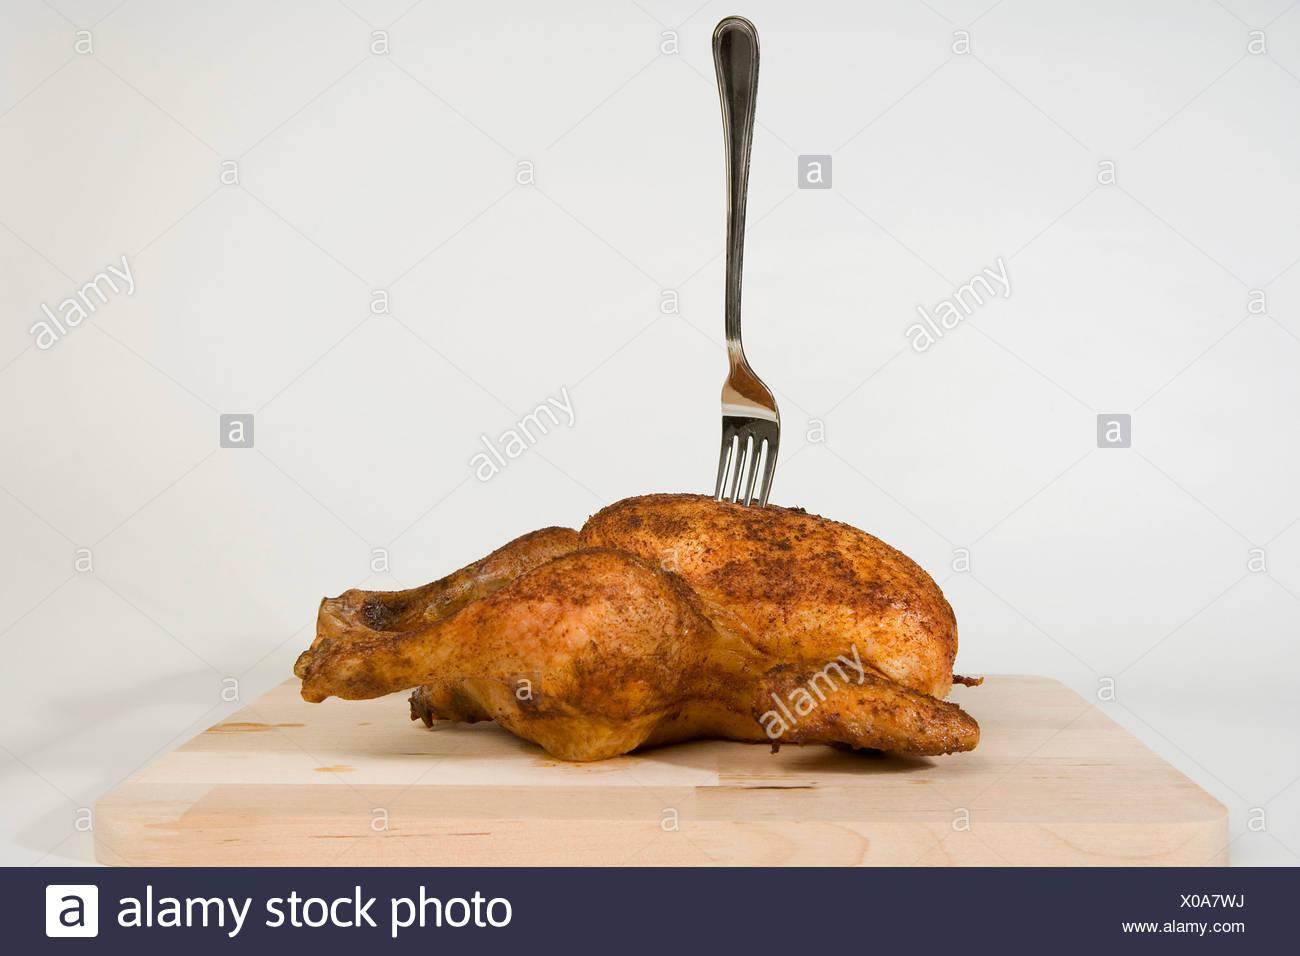 Eine Gabel in ein gebratenes Huhn stecken Stockbild